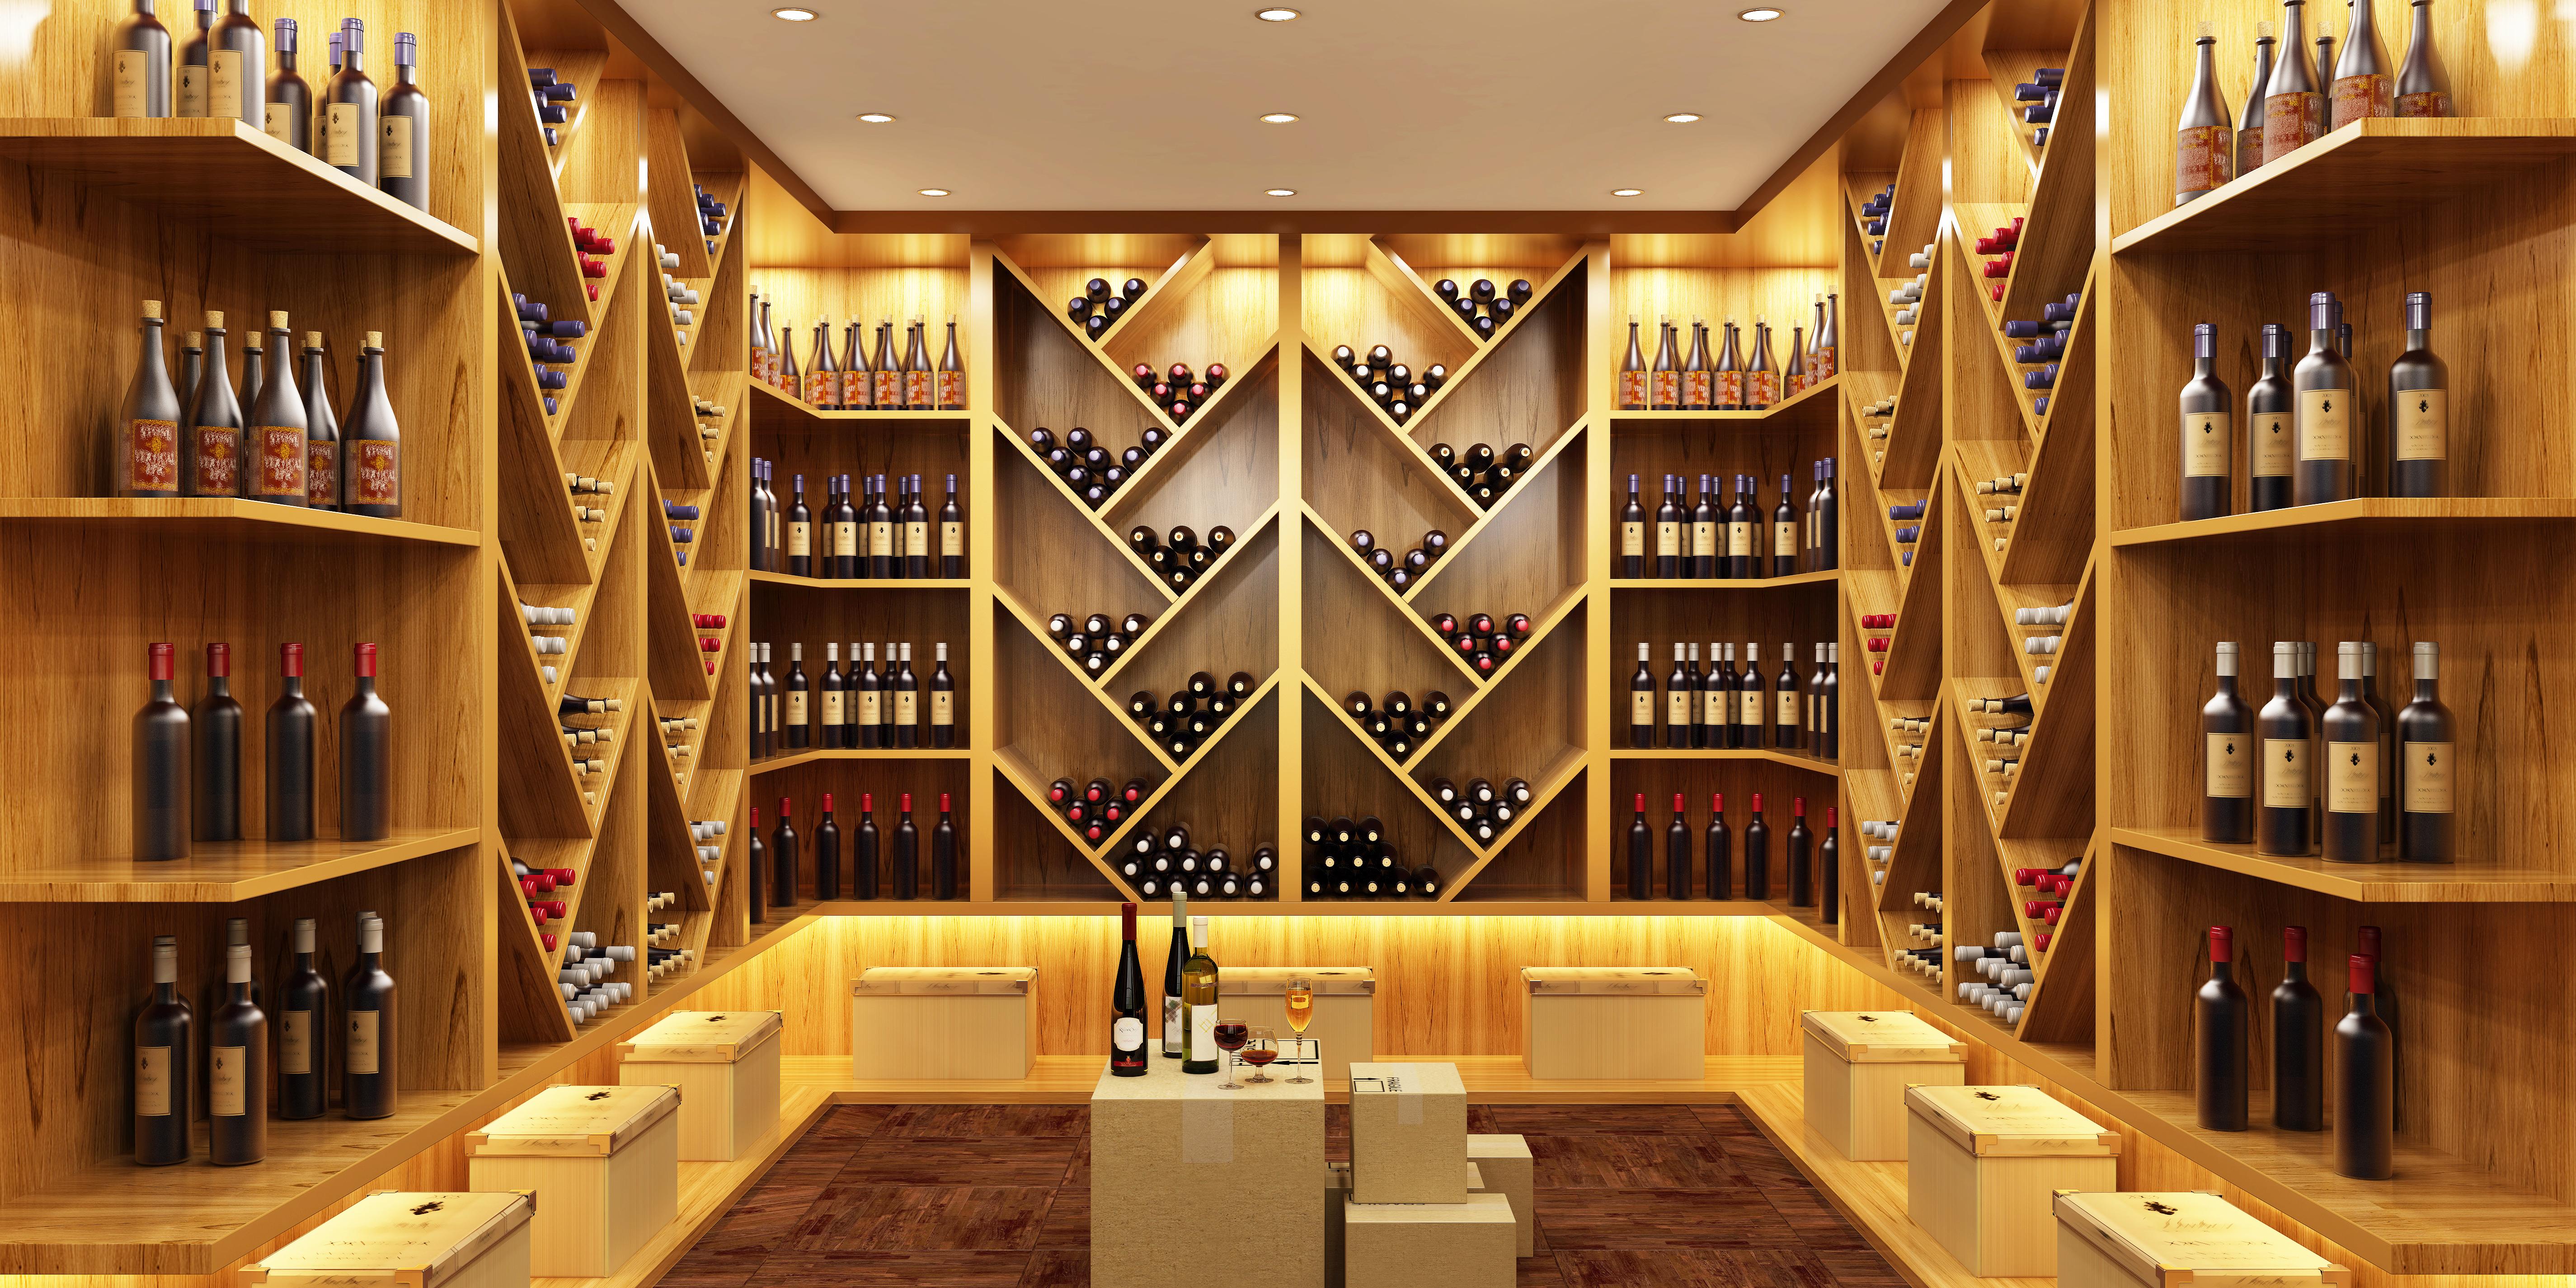 ワインショップの店内の棚に、ワインボトルが並んでいる様子